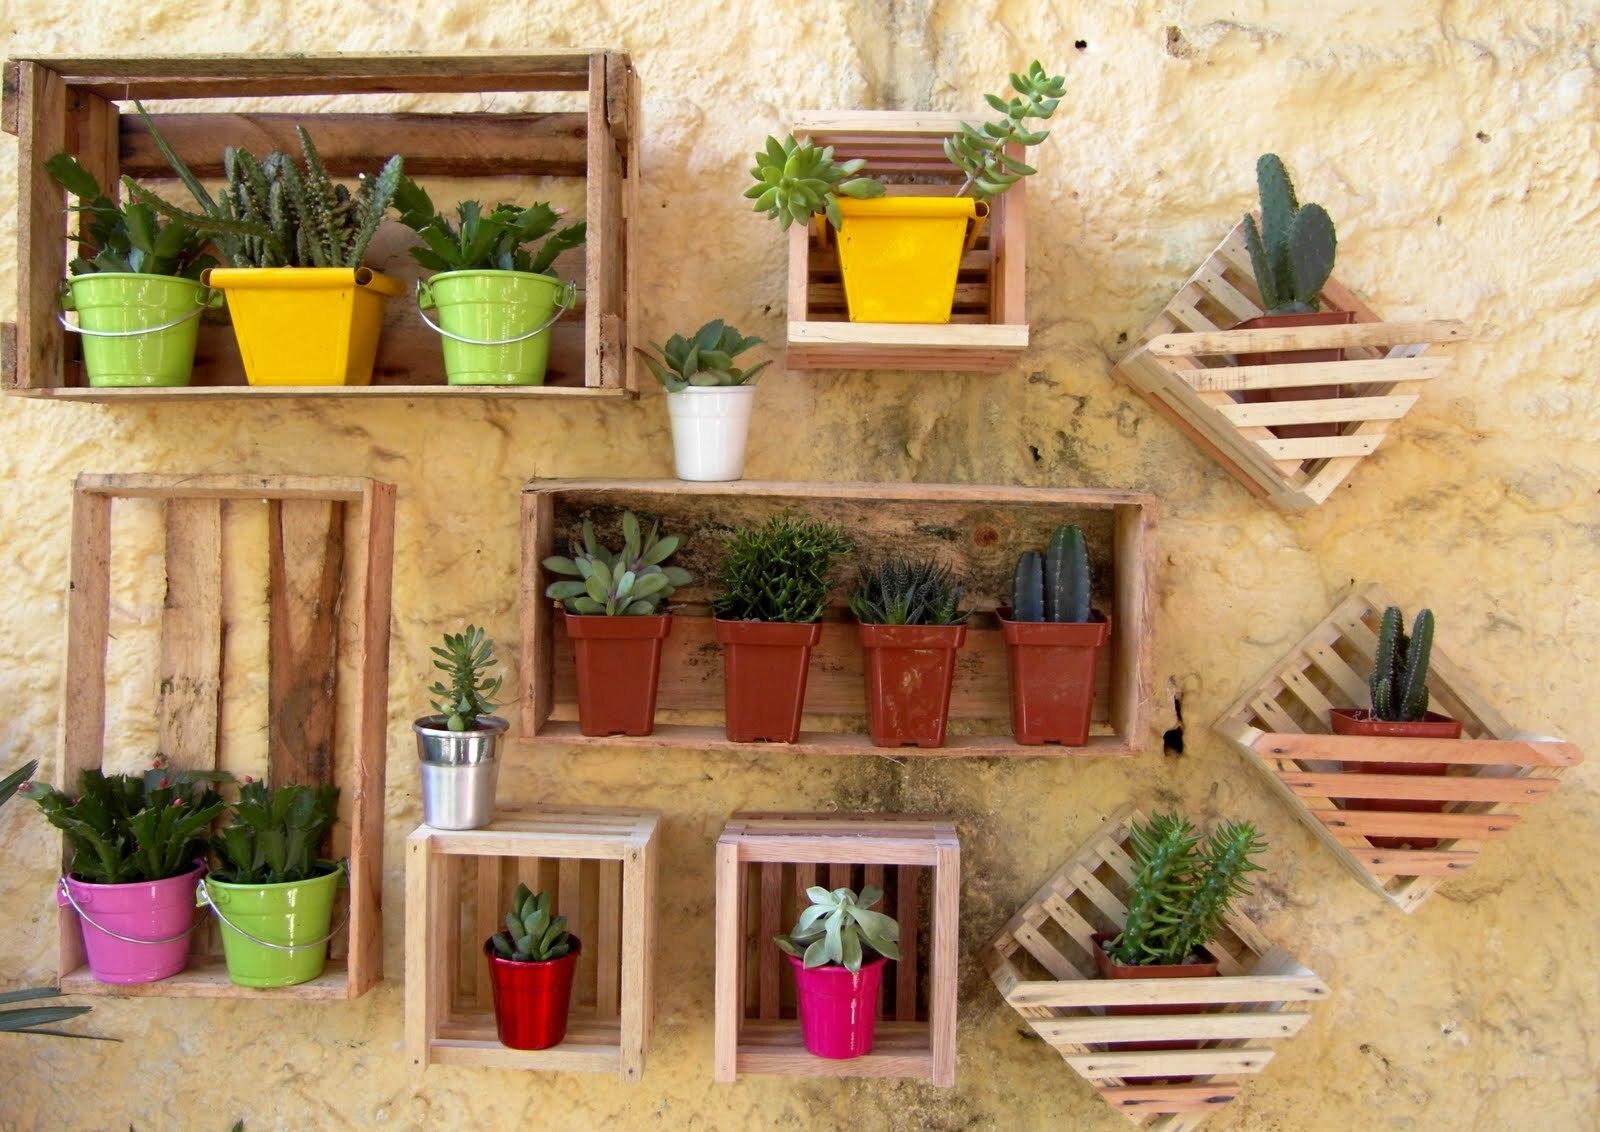 ideias para decorar meu jardim:confira abaixo algumas boas ideias para fazer com caixotes de feira